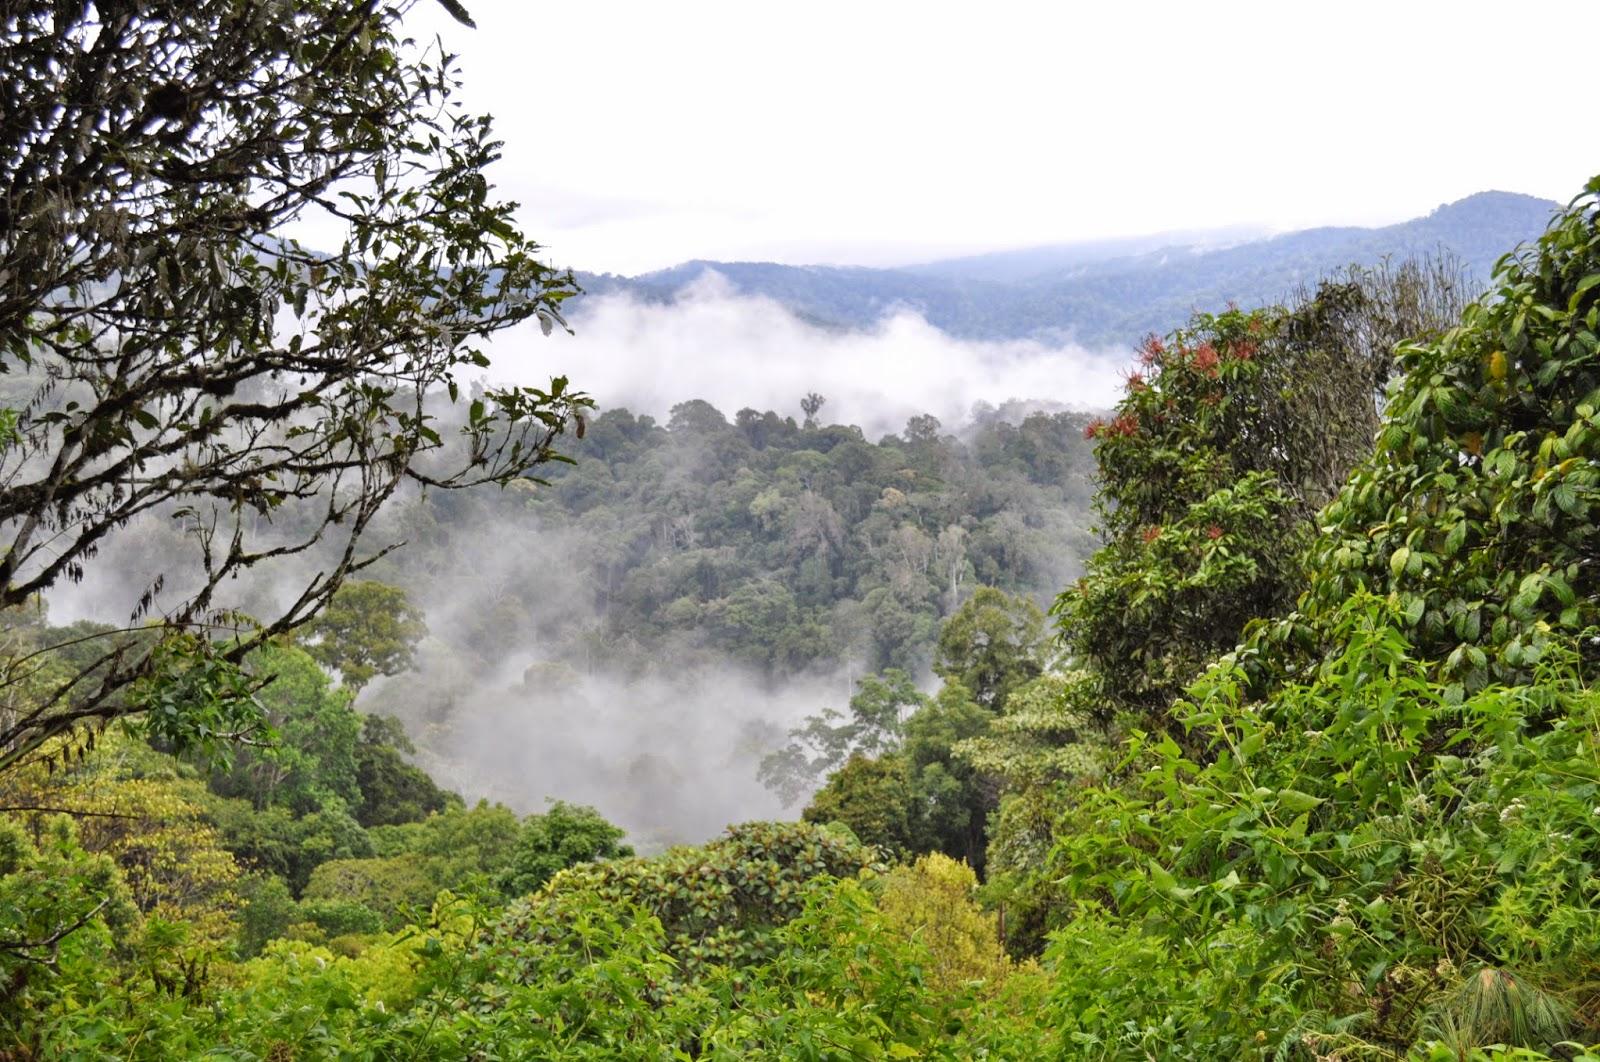 Deštný prales v národním parku Kerinci Seblat